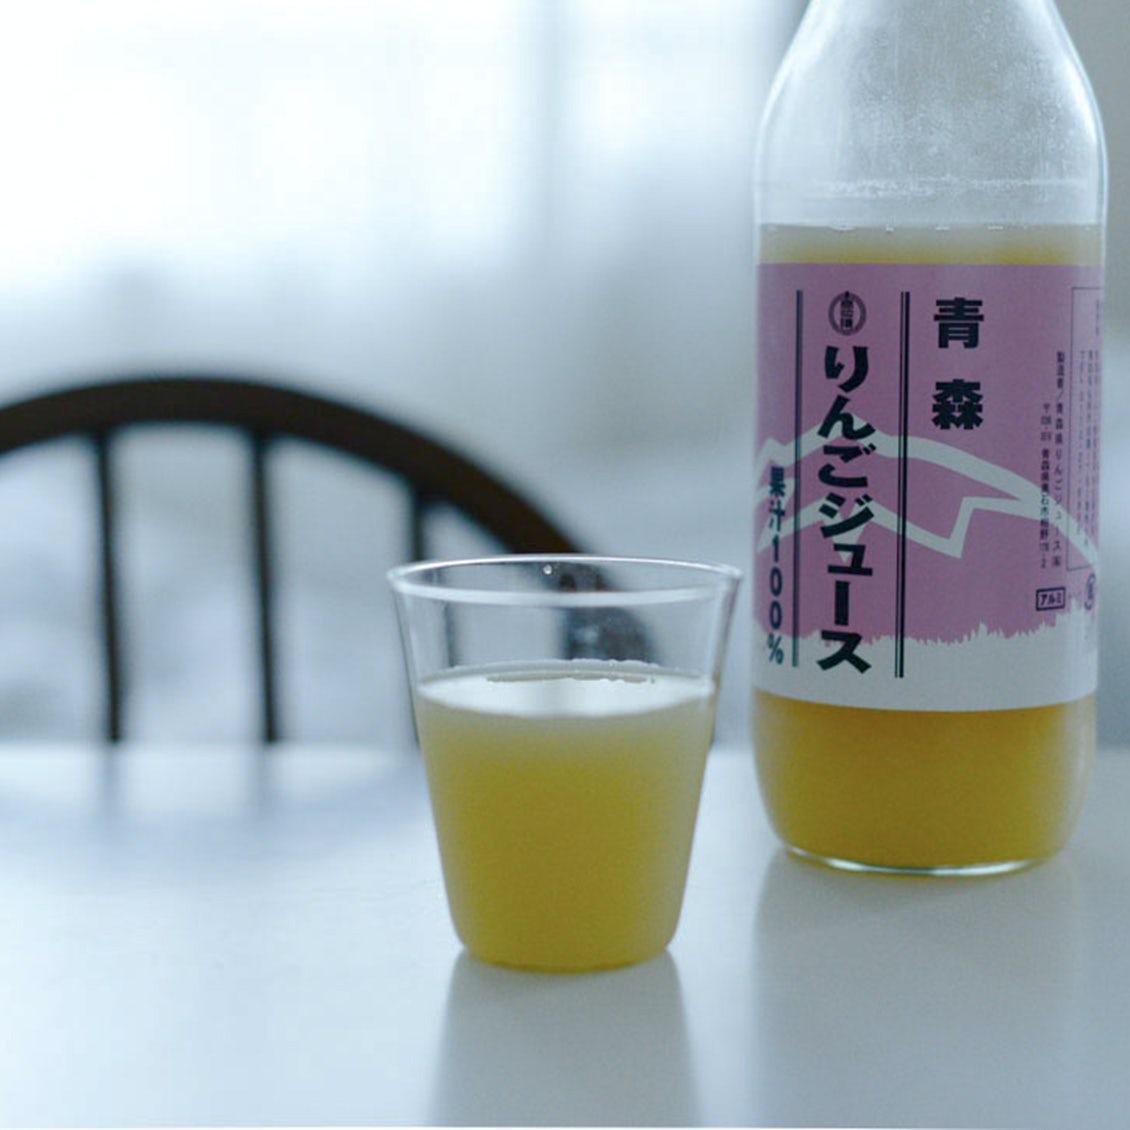 【スタッフコラム】ちょっと良いりんごジュース